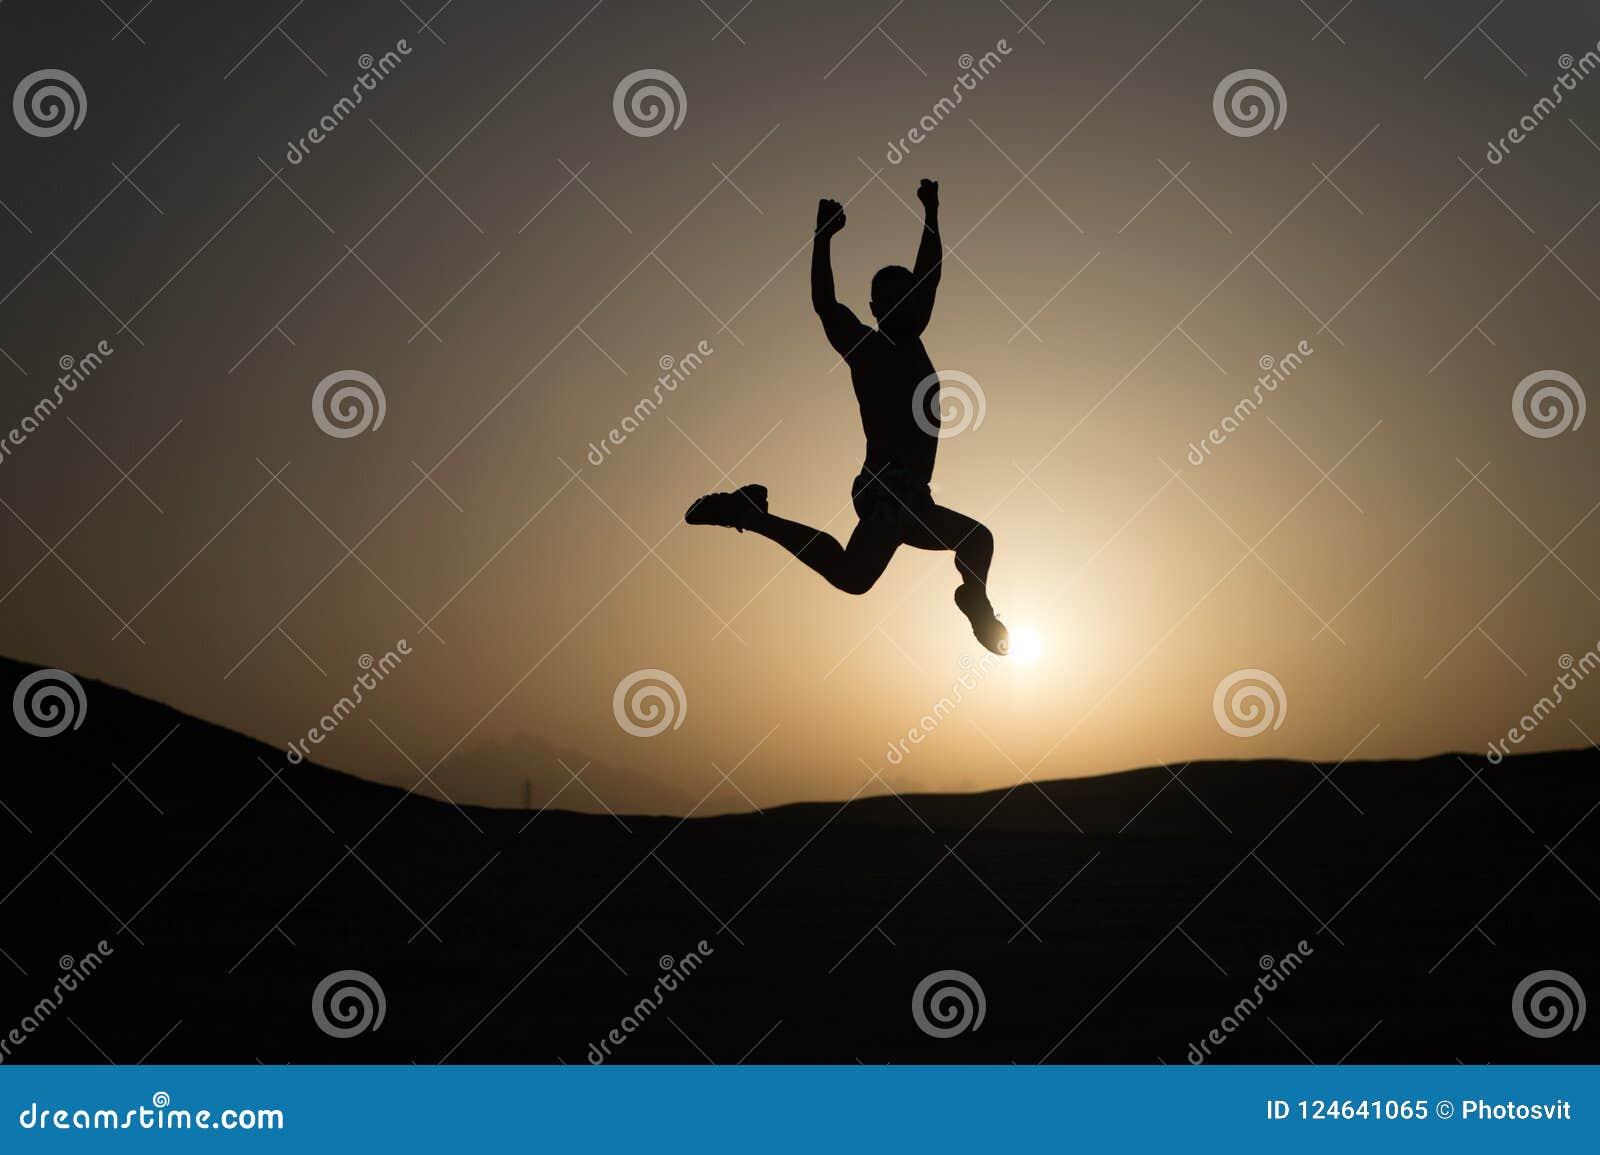 Houd bewegend De motiesprong van de silhouetmens voor de achtergrond van de zonsonderganghemel Dagelijkse motivatie Gezonde perso